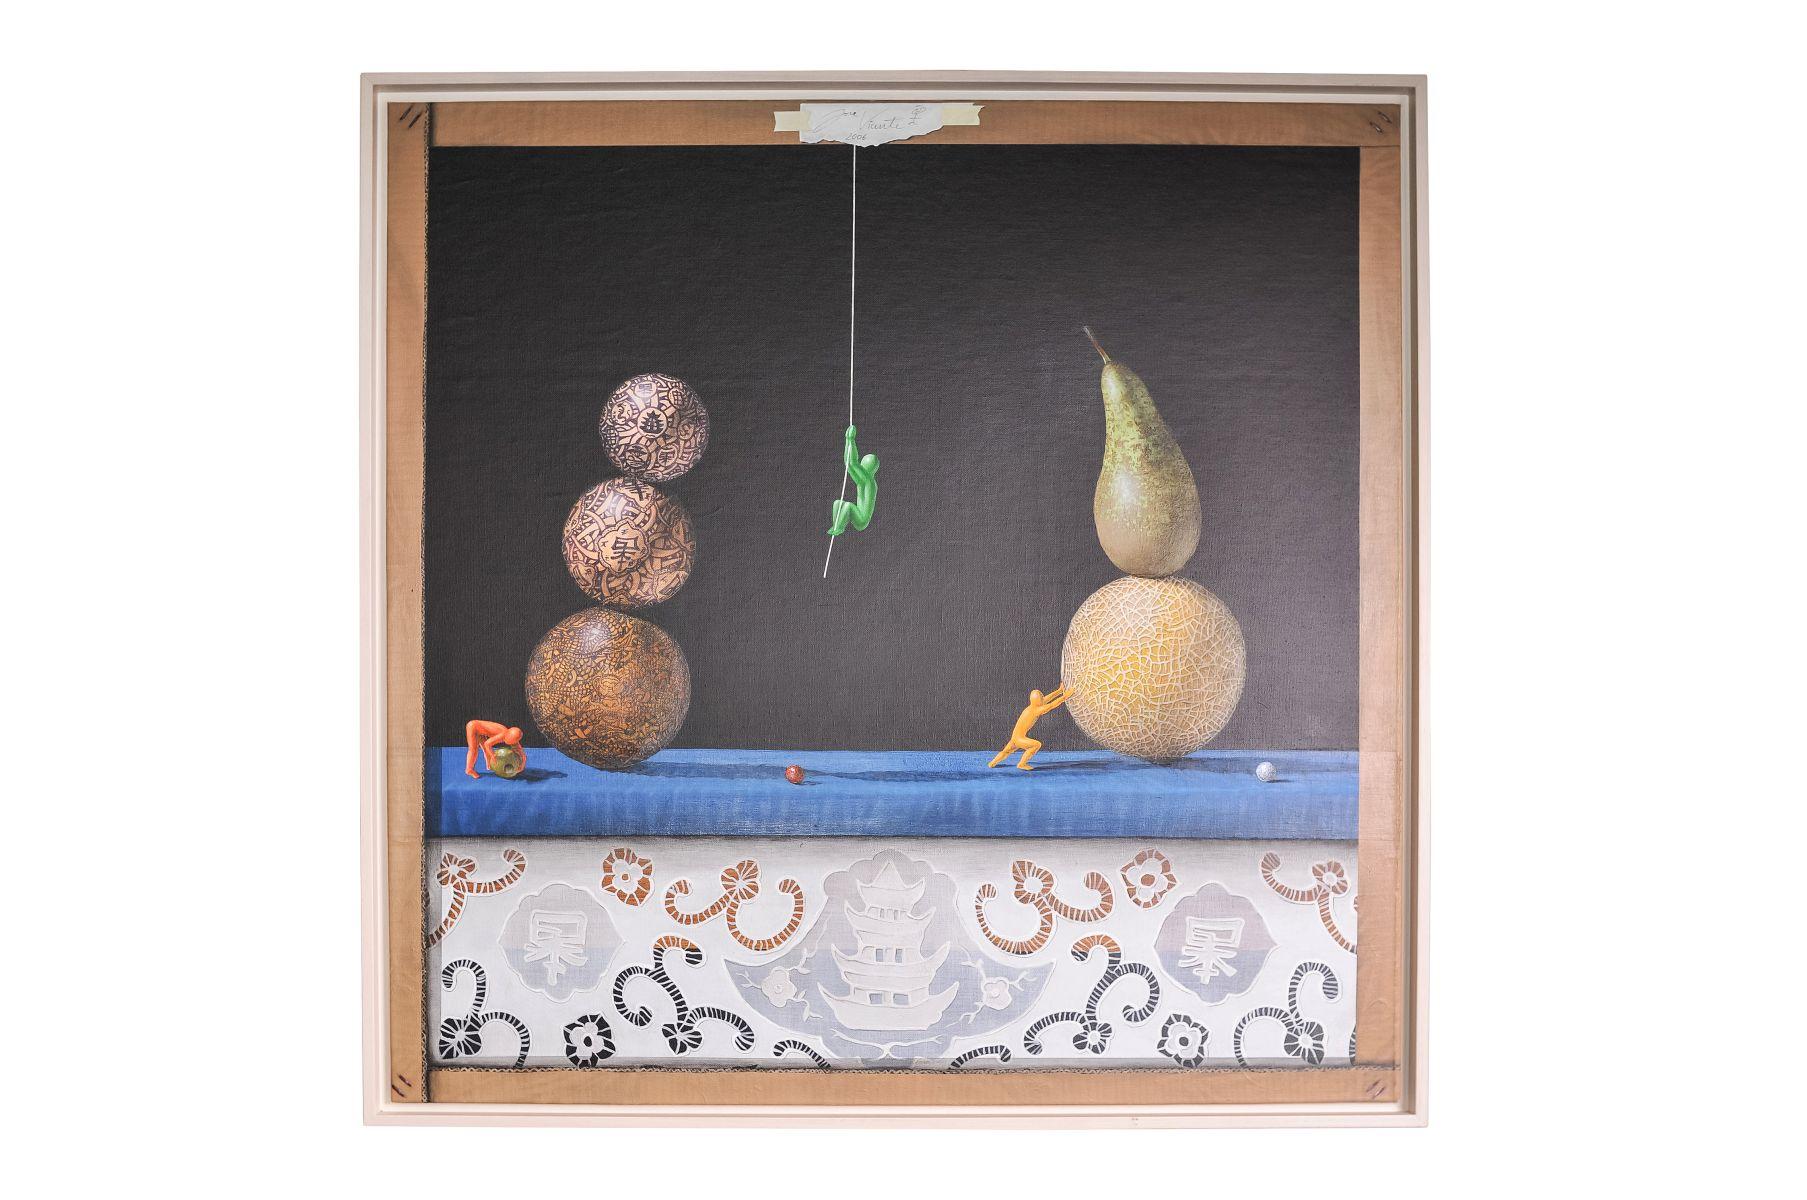 """#28 Jose Vicente (1977) """"Unstable equilibrium in still life""""   Jose Vicente (1977) """"Labiles Gleichgewicht im Stillleben"""" Image"""